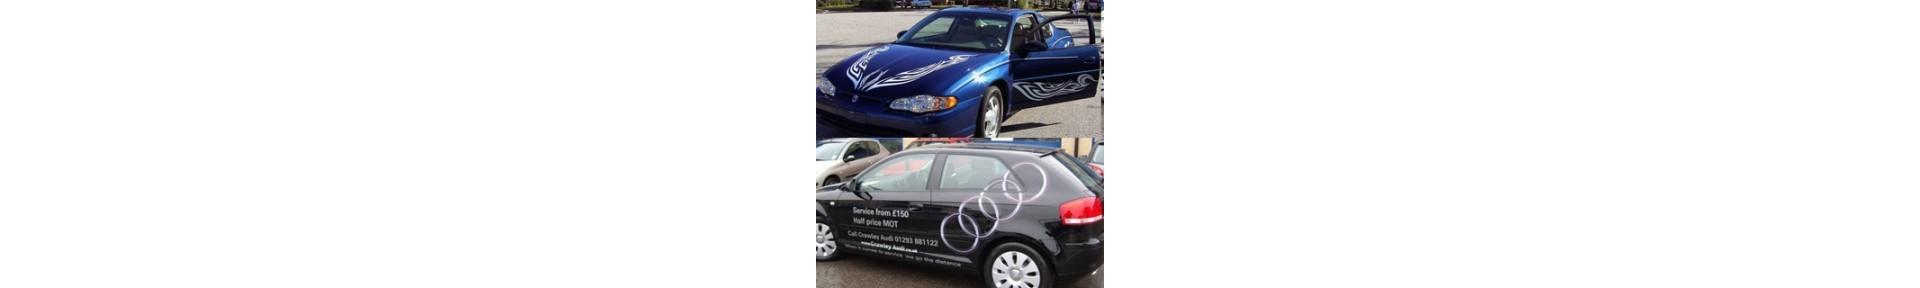 Car Wraps Canada , Car Wraps Graphics Canada.